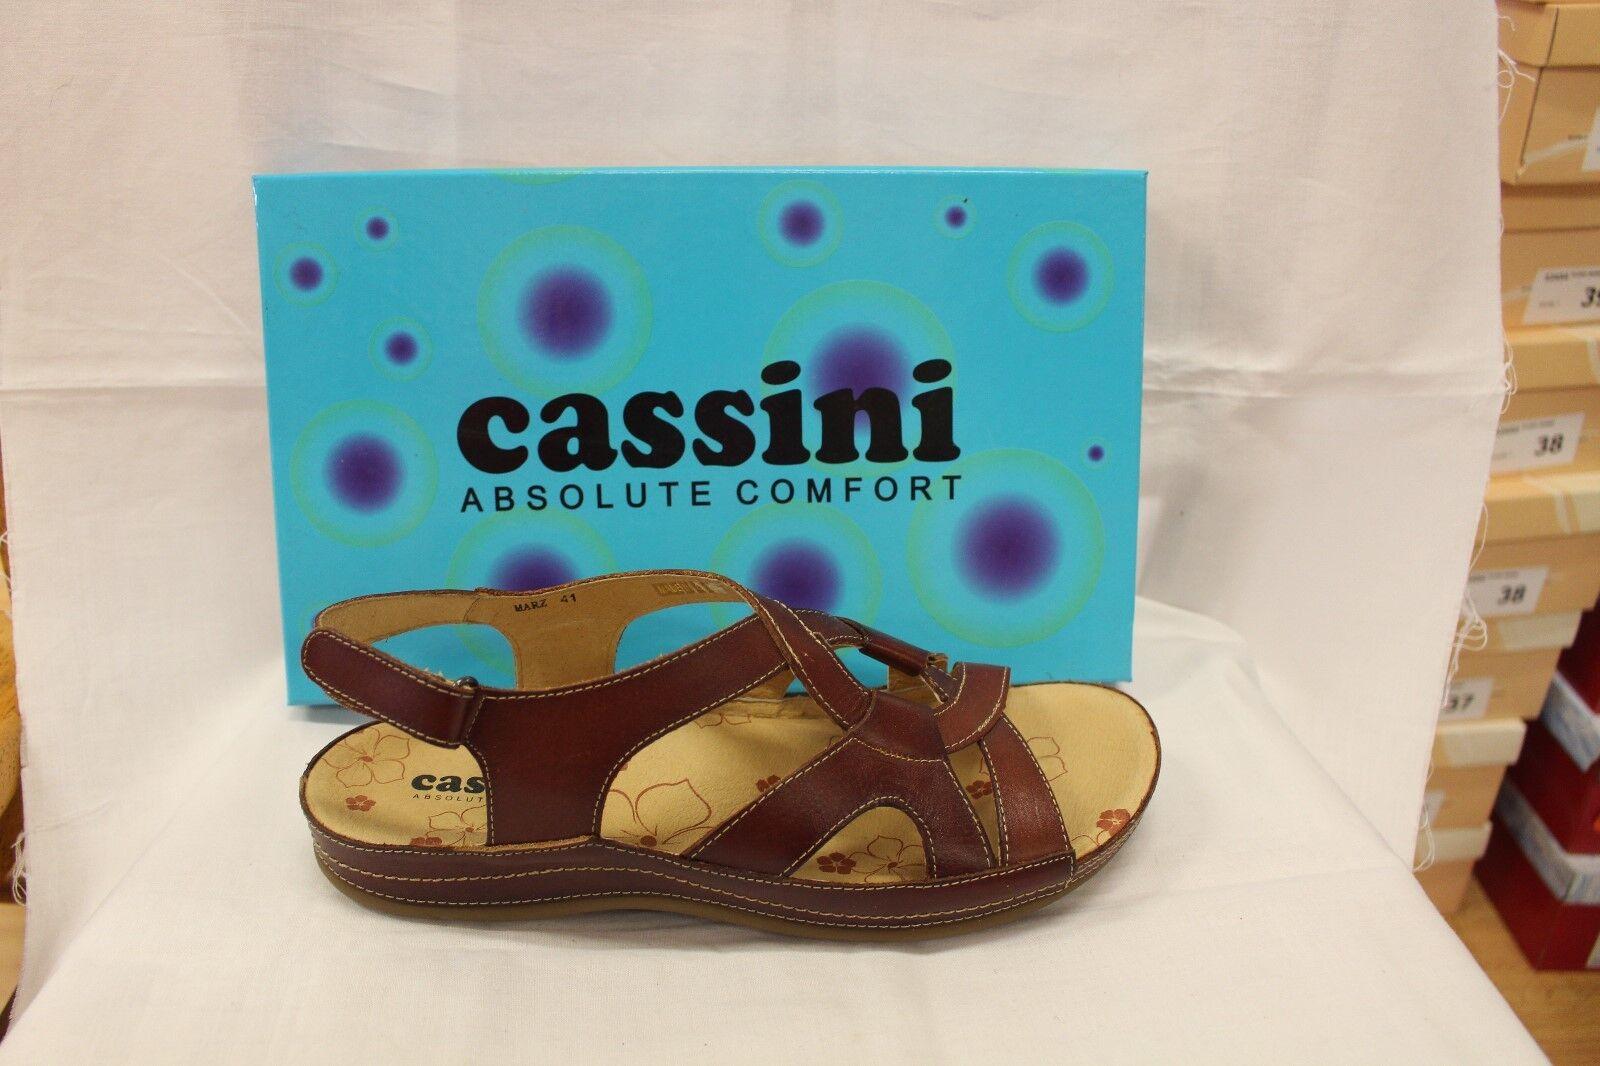 Damas Zapatos Calzado-Cassini Calzado-Cassini Calzado-Cassini Marz Coñac Sandalia  Entrega gratuita y rápida disponible.